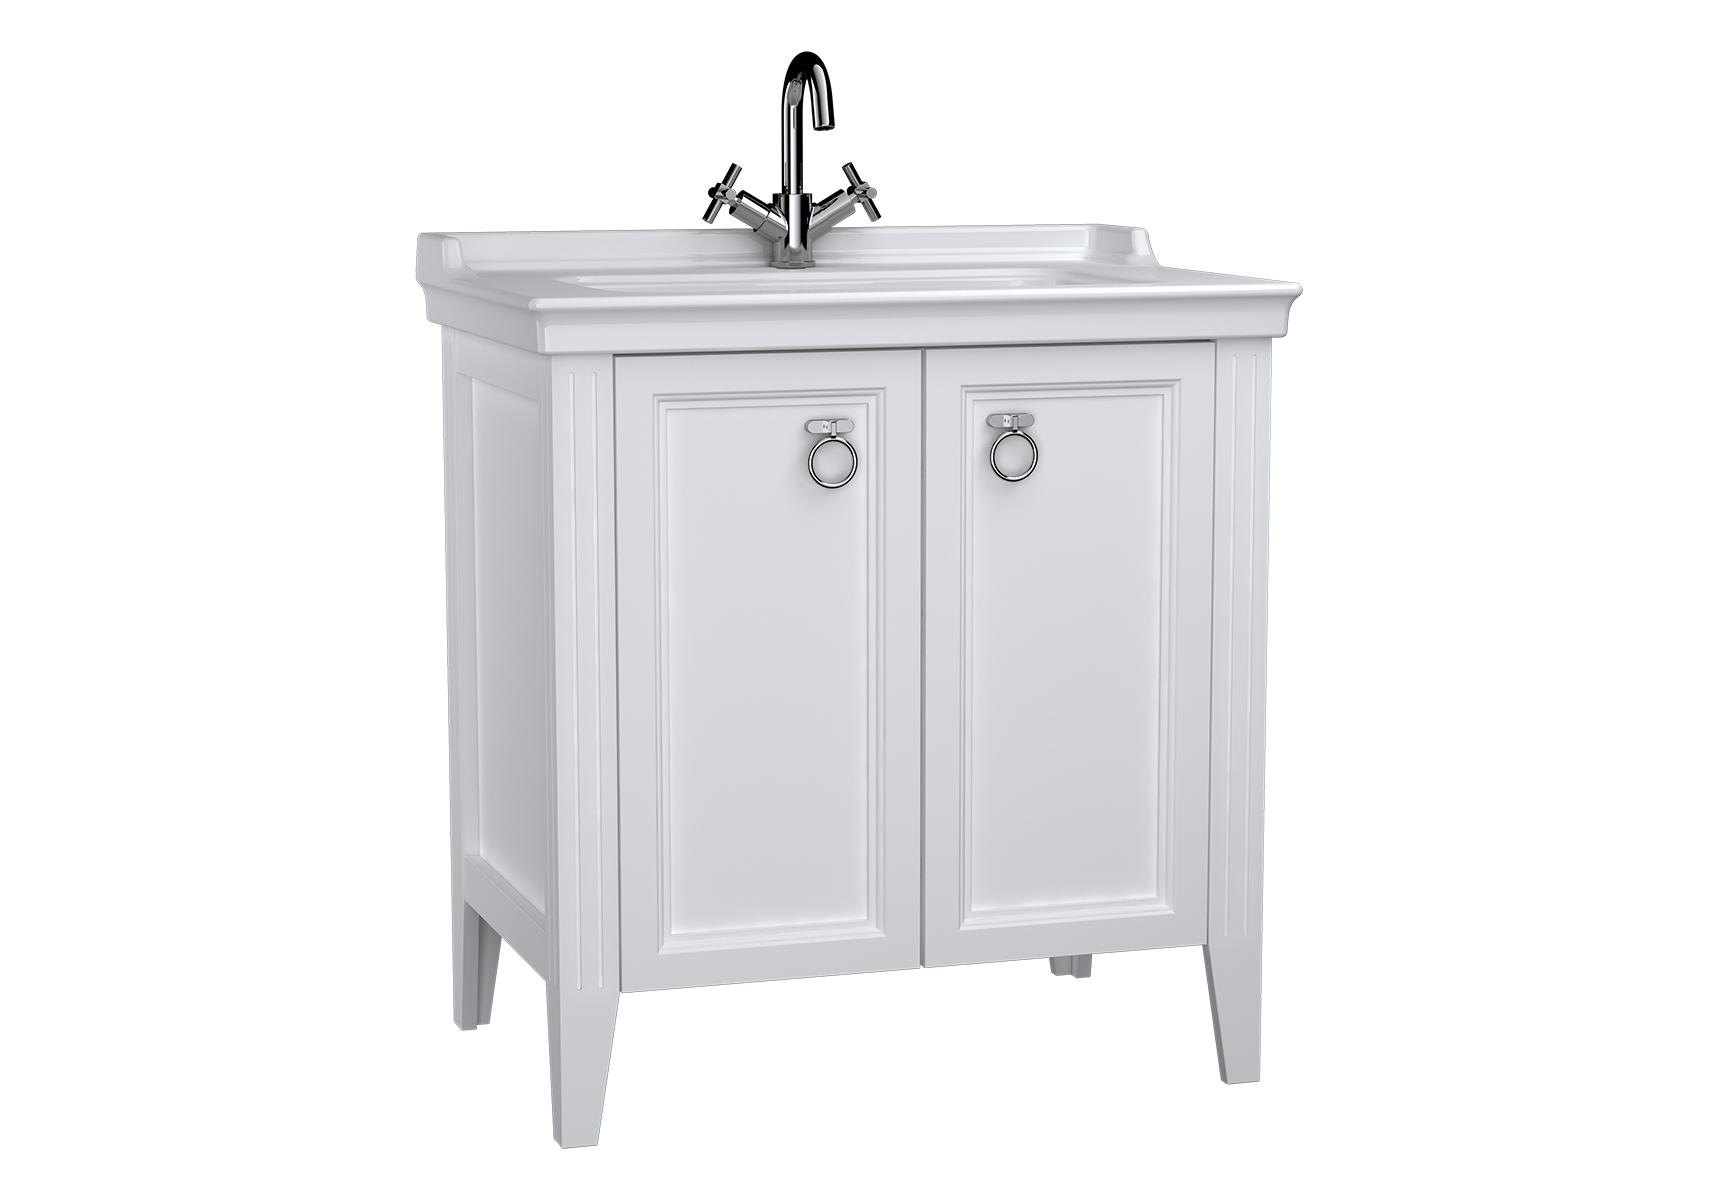 Valarte meuble avec plan céramique, 80 cm, avec portes, blanc mat